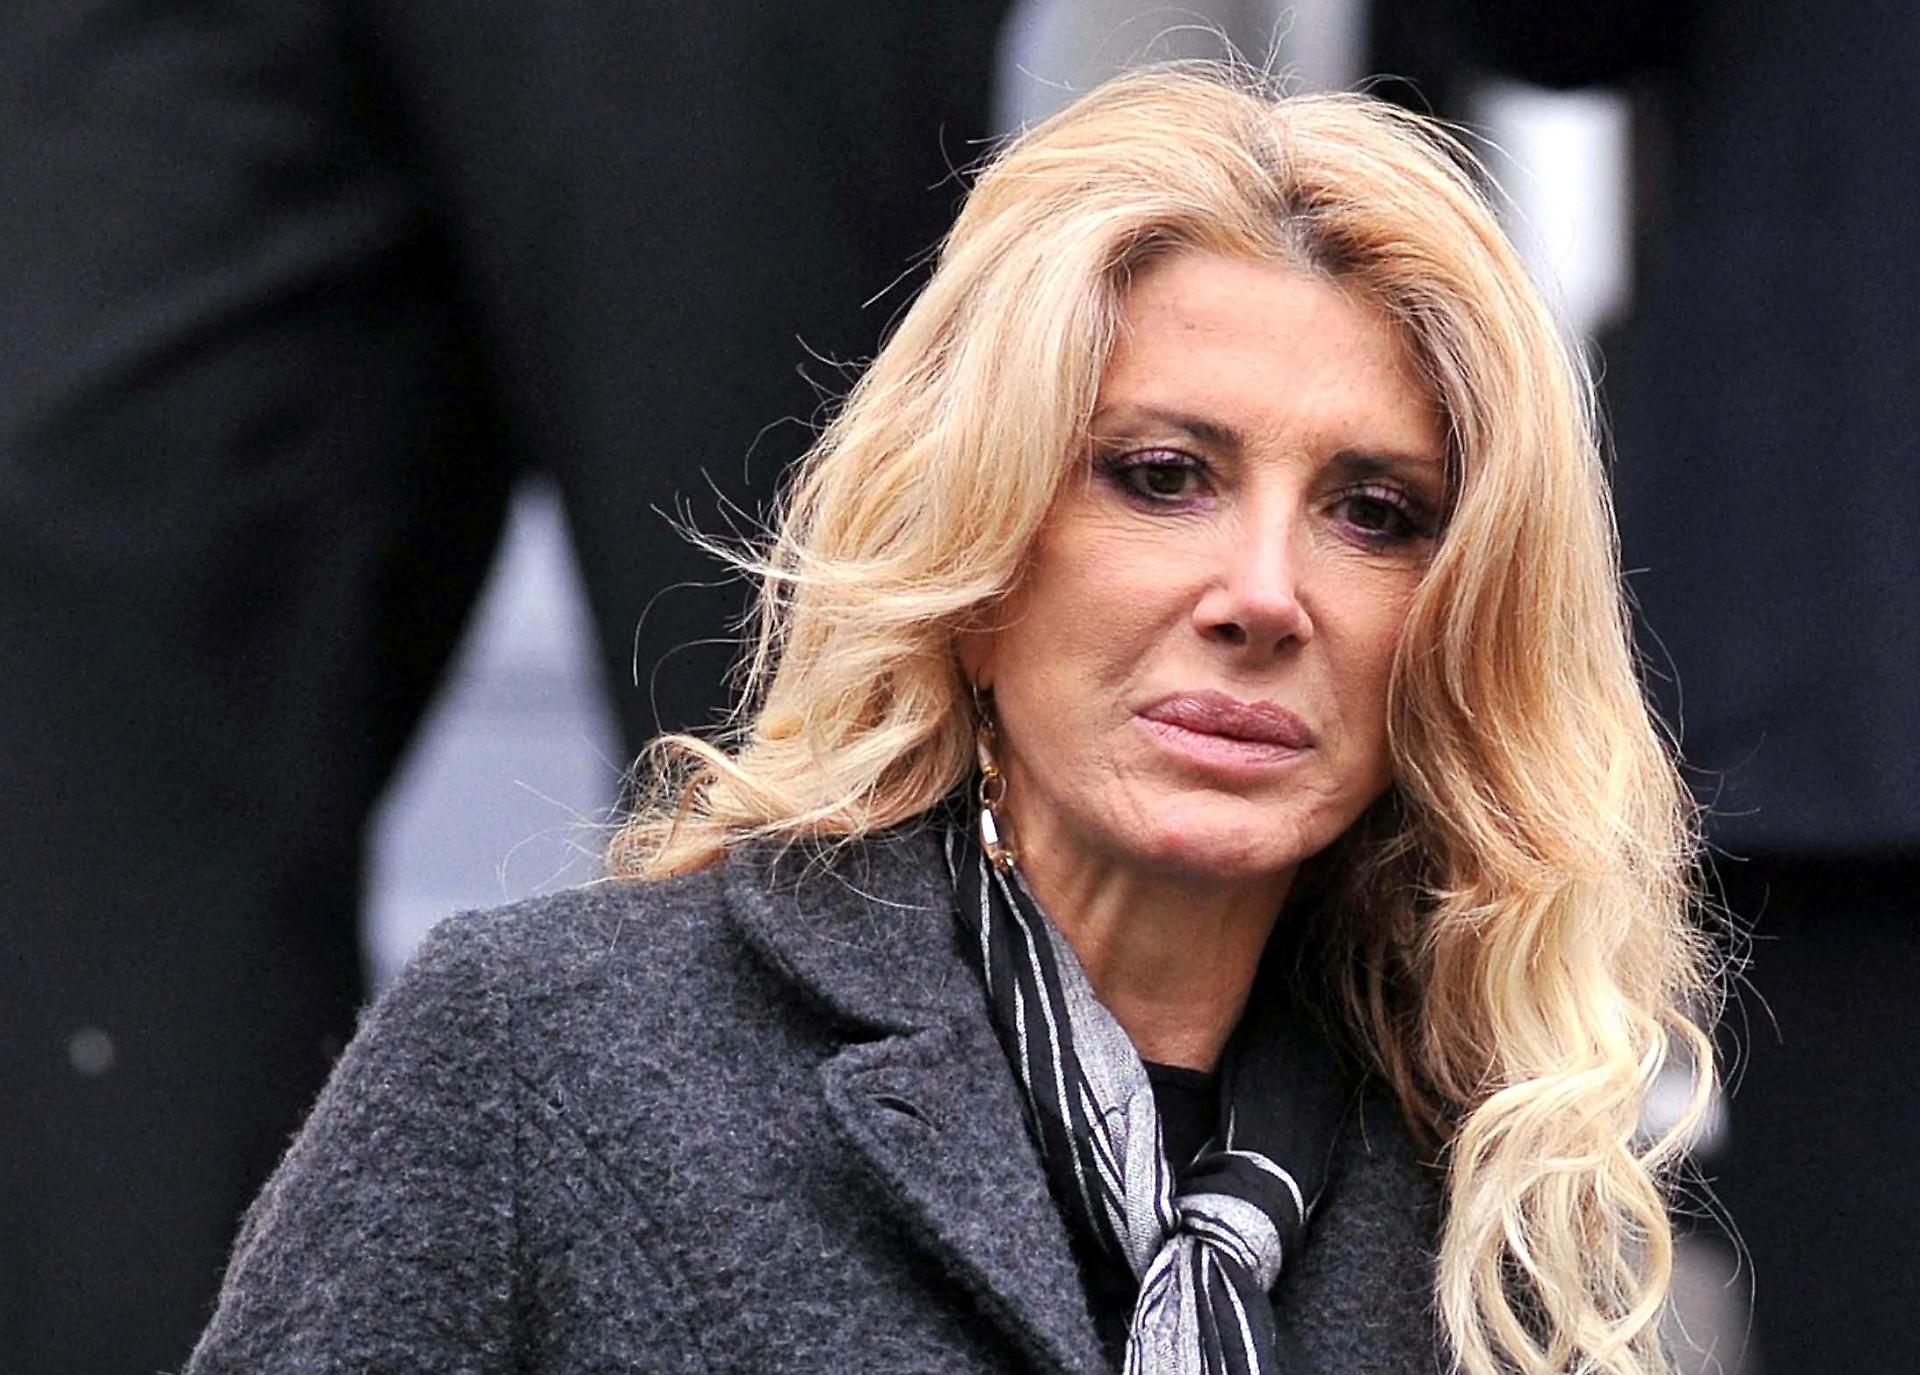 Gabriella Carlucci oggi, la nuova vita: età, altezza, peso,